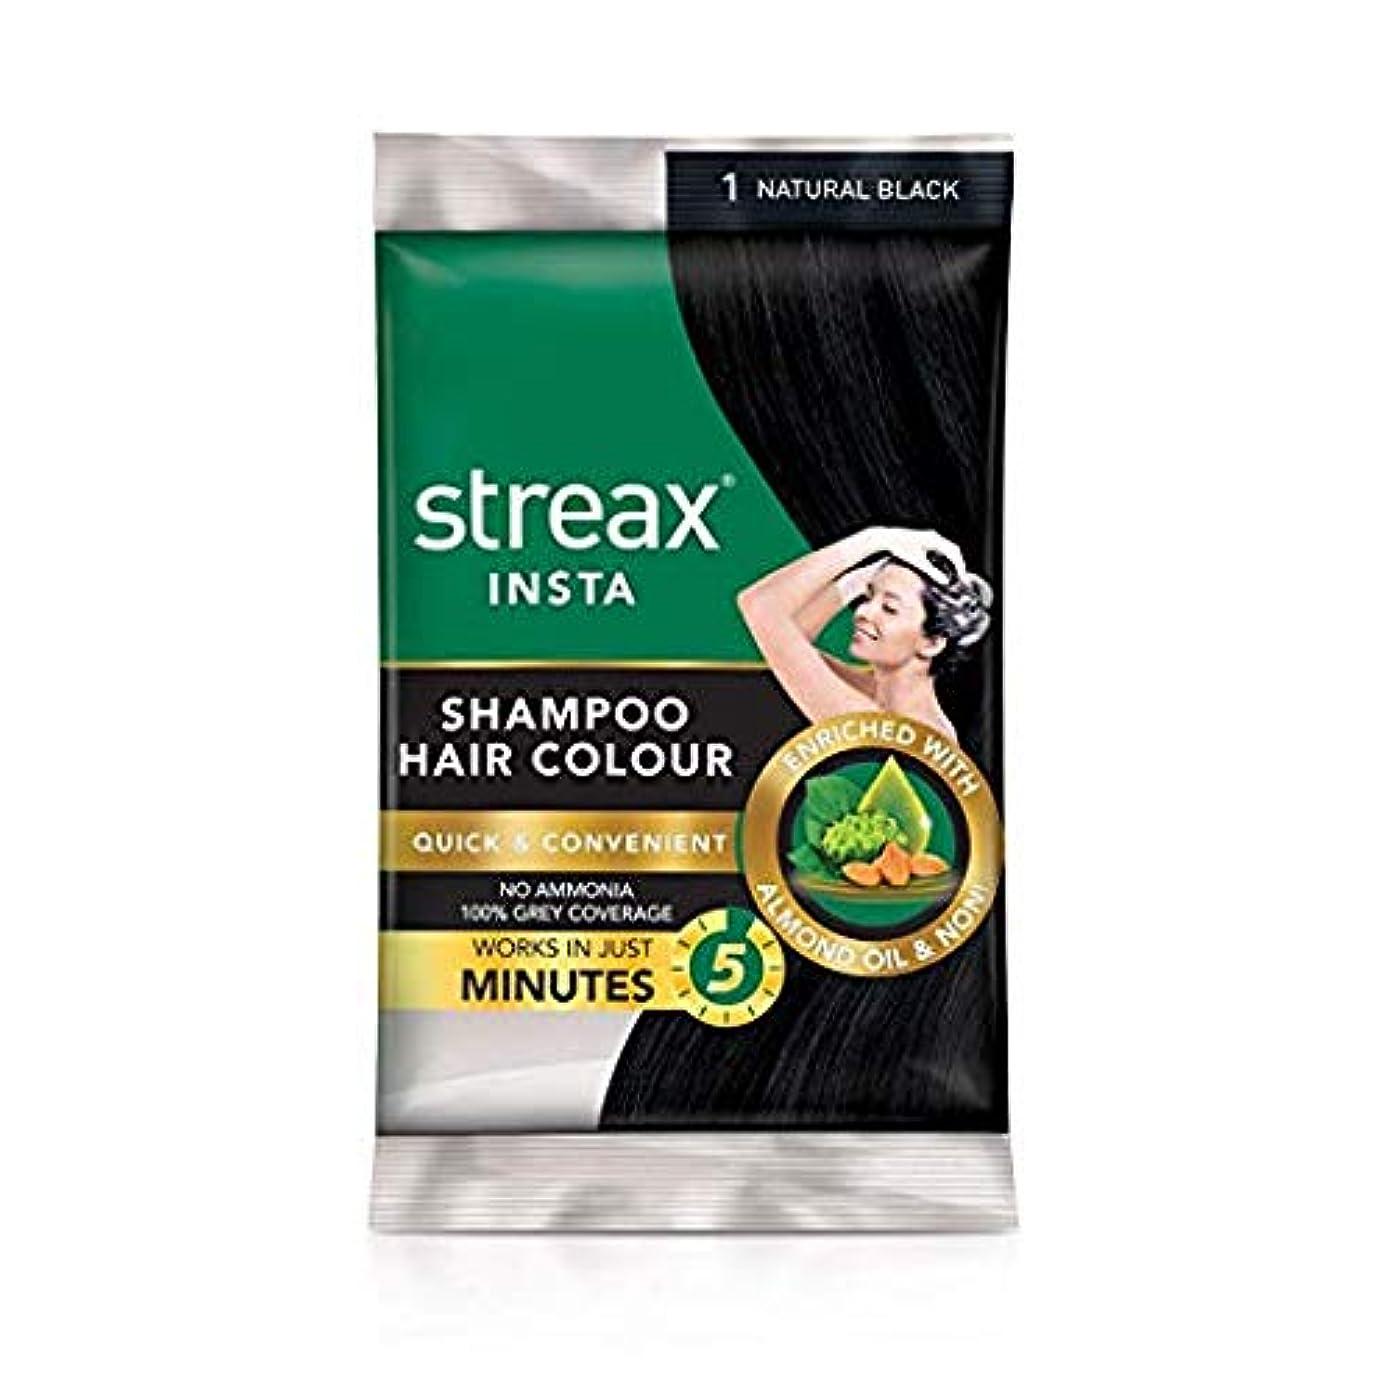 課税デッドロック政治家Omg-deal Pack of 3 Streax Natural Black Shampoo Hair Colour